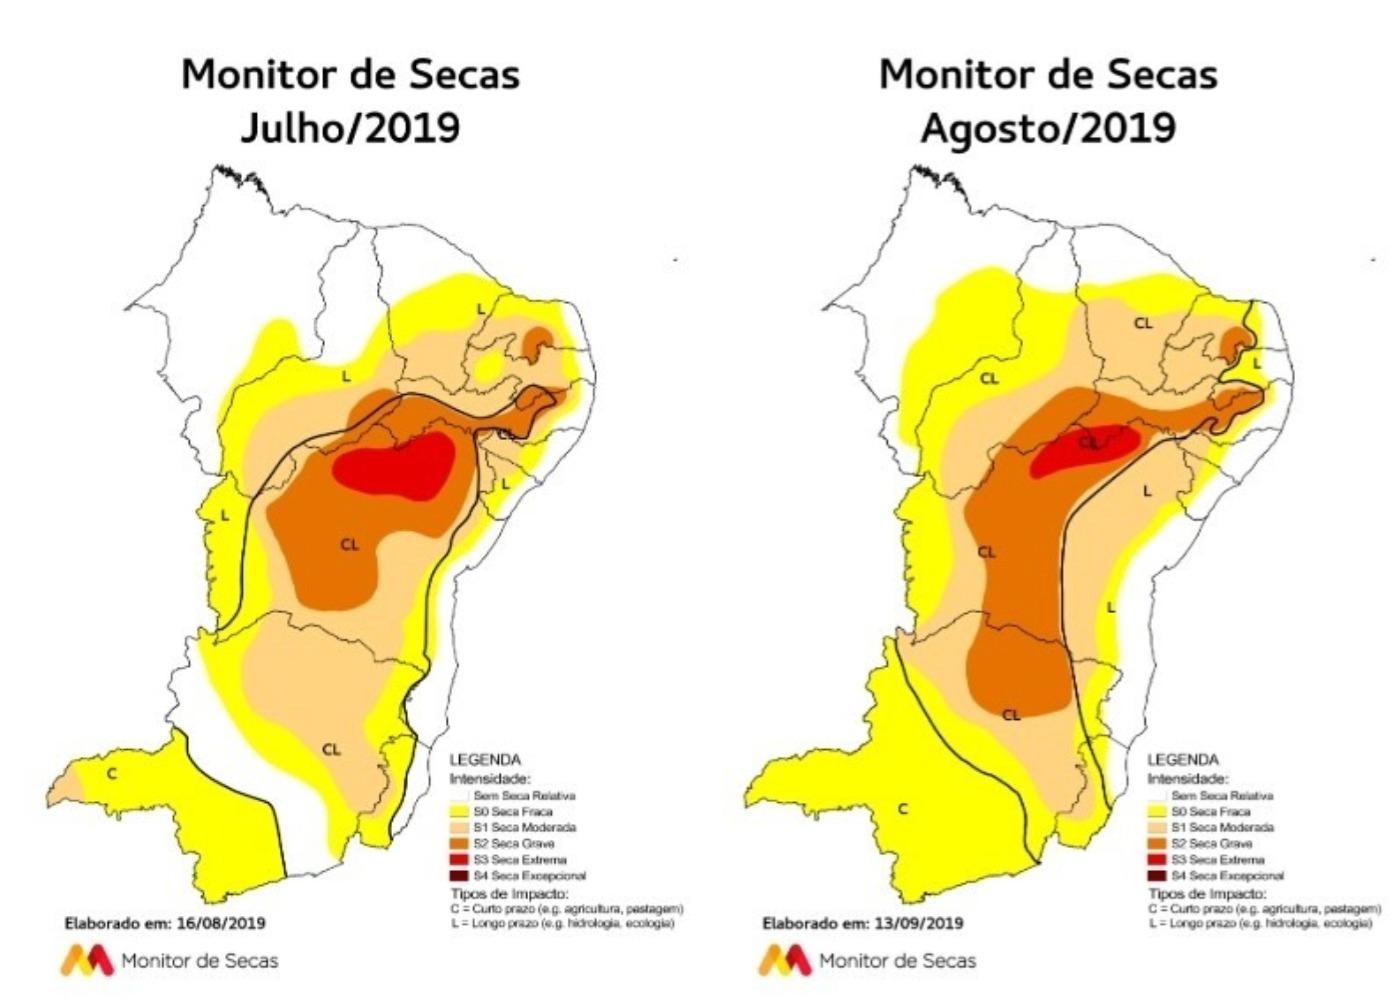 O mapa do Monitor é produzido mensalmente por um grupo de instituições e pessoas de diversos Estados do Nordeste e do Governo Federal, de forma colaborativa e voluntária. (FOTO: Divulgação)